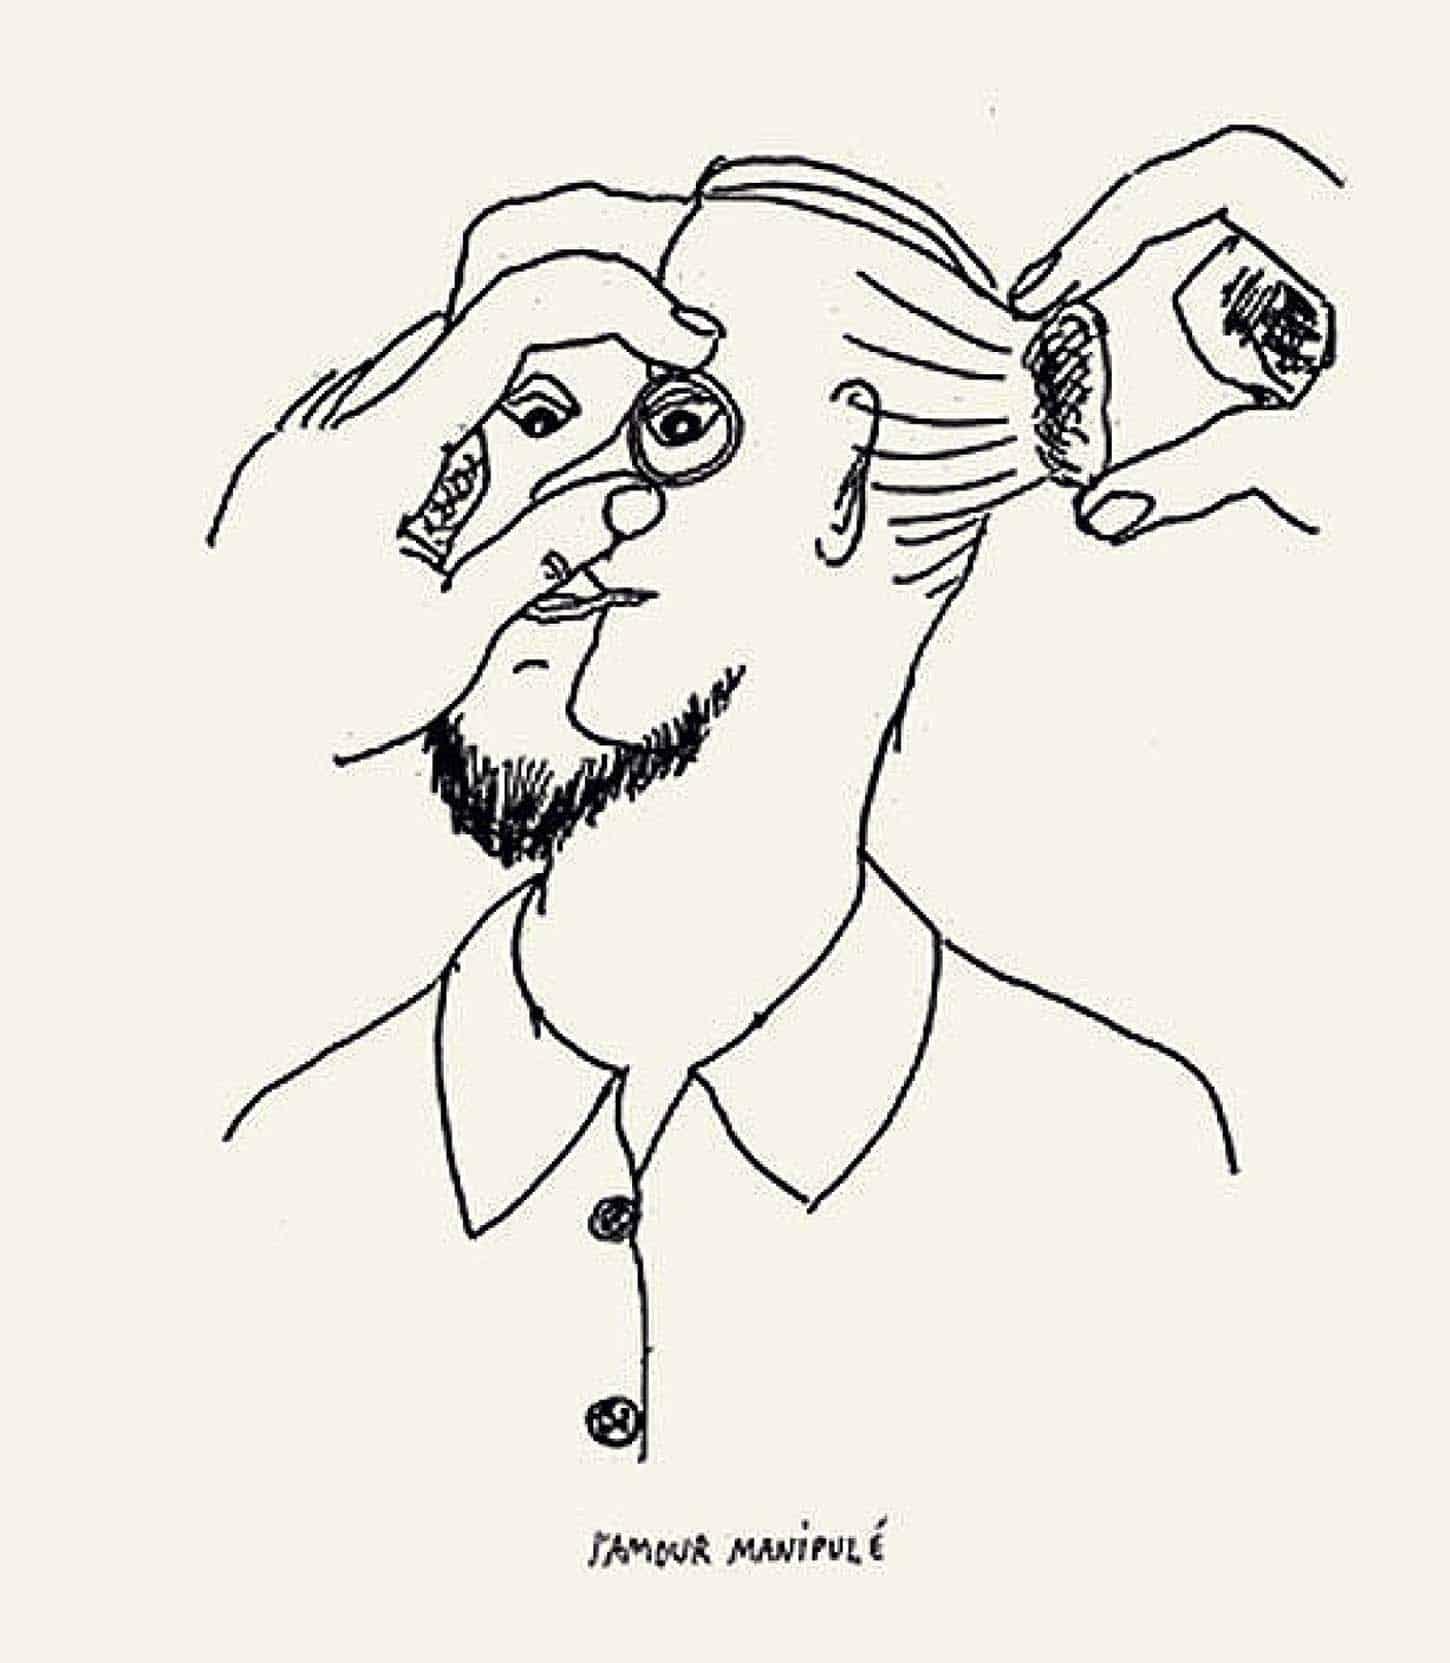 Erik Dietman  Sur le doigt et dans la tête n°6 Sérigraphie sur papier Rivoli Ivoire 300gr, en 1 passage, 25 x 22 cm, 60 ex, 2000.